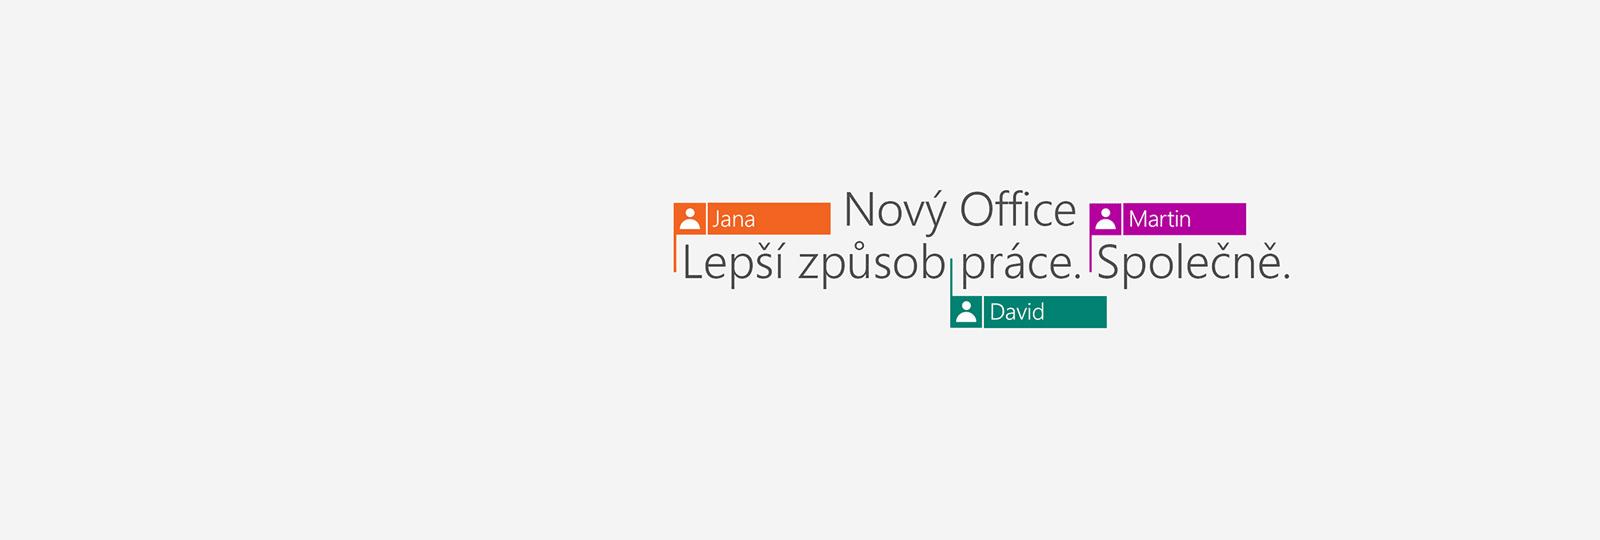 Kupte si Office365. Získáte nové aplikace ve verzi2016.